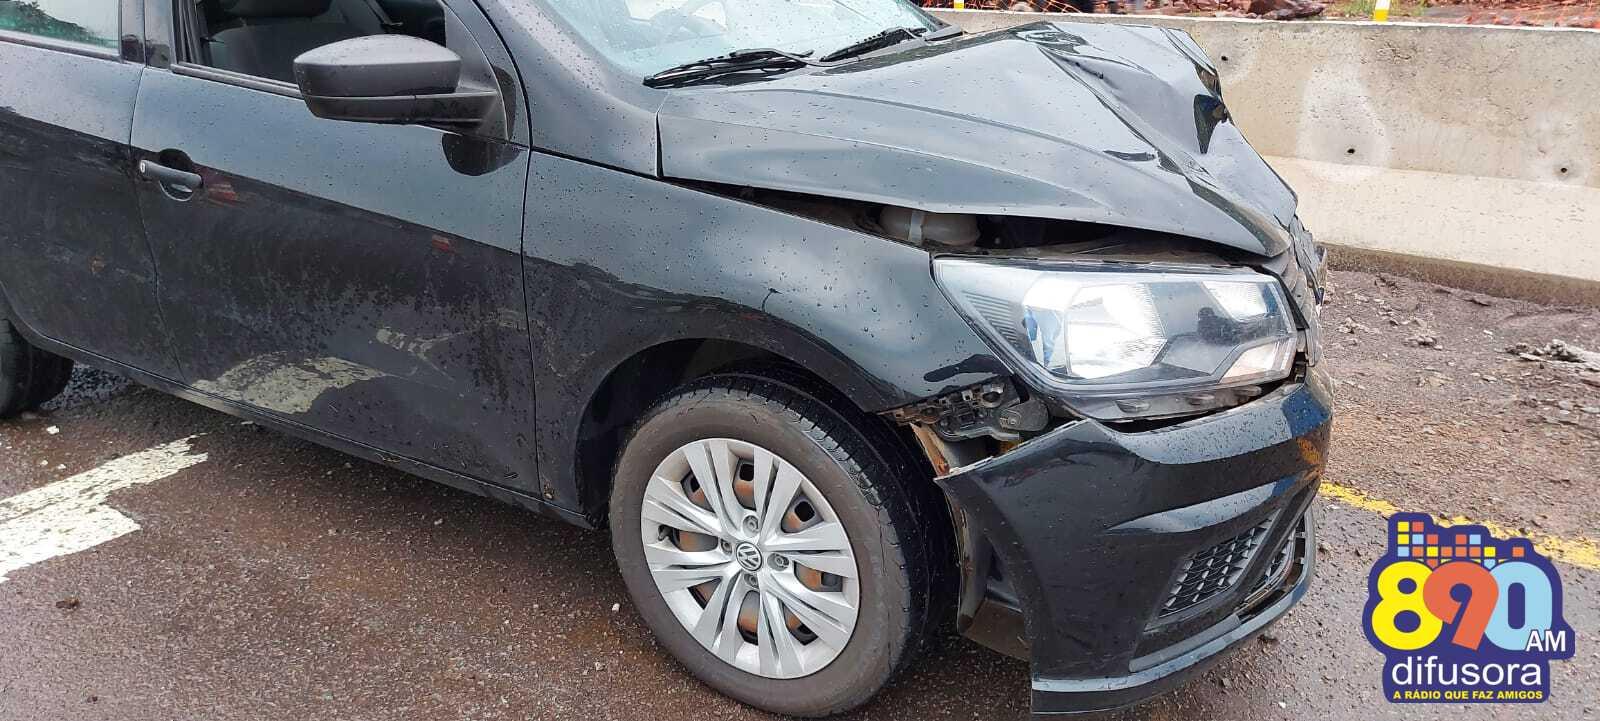 Acidente deixa duas pessoas feridas na BR-470, em Bento